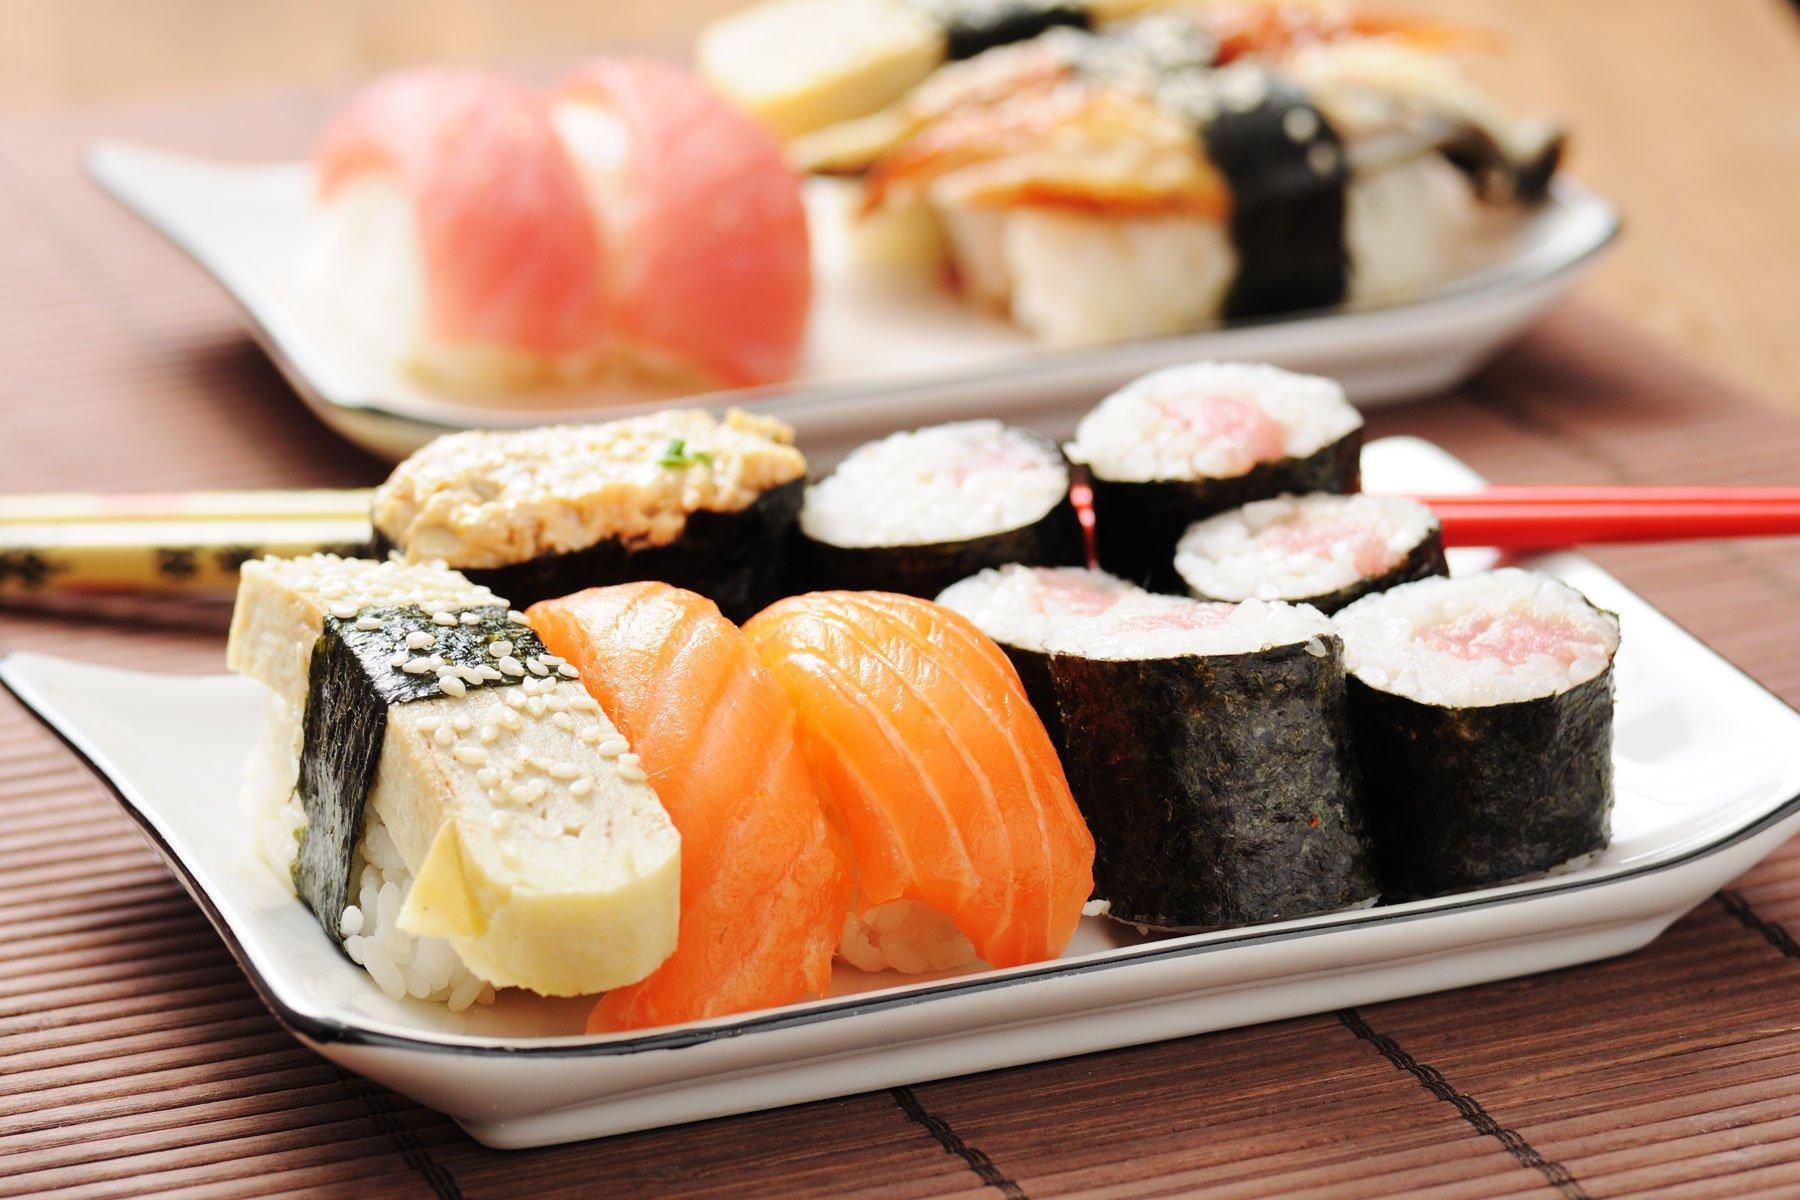 un piatto di sushi con salmone e altre specialità in un piatto bianco su una tovaglietta di bambù